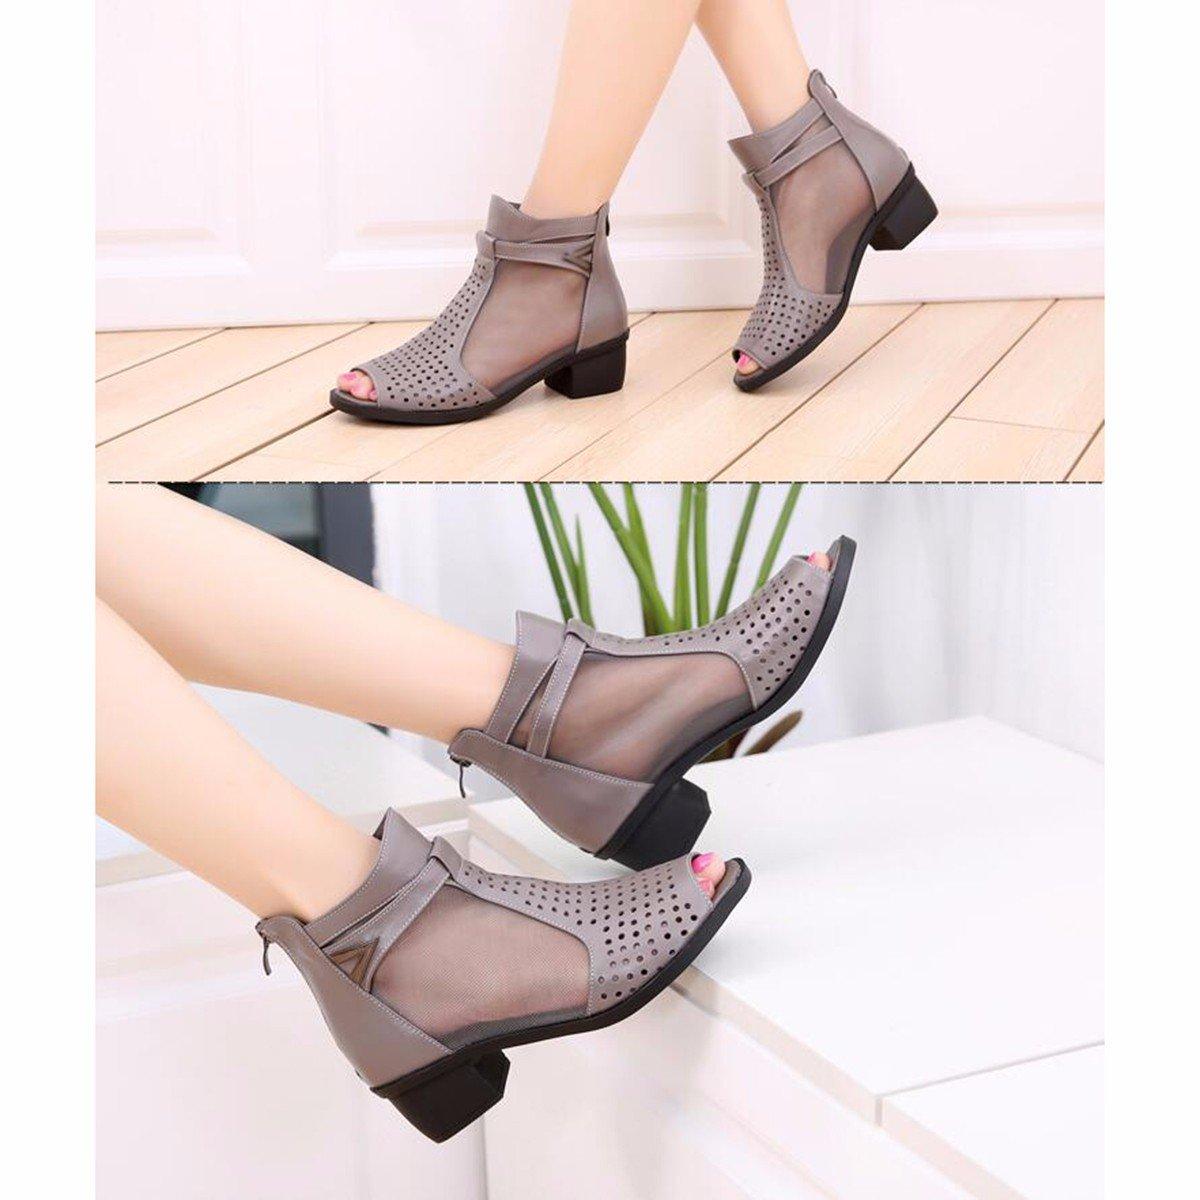 JRFBA-Damenschuhe Leder Schuhe, Schuhe, Schuhe, Stiefel, Schuhe, Stiefel, Sommer, Sandalen, Schuhe, Schuhe, Meine Schuhe.  d03297